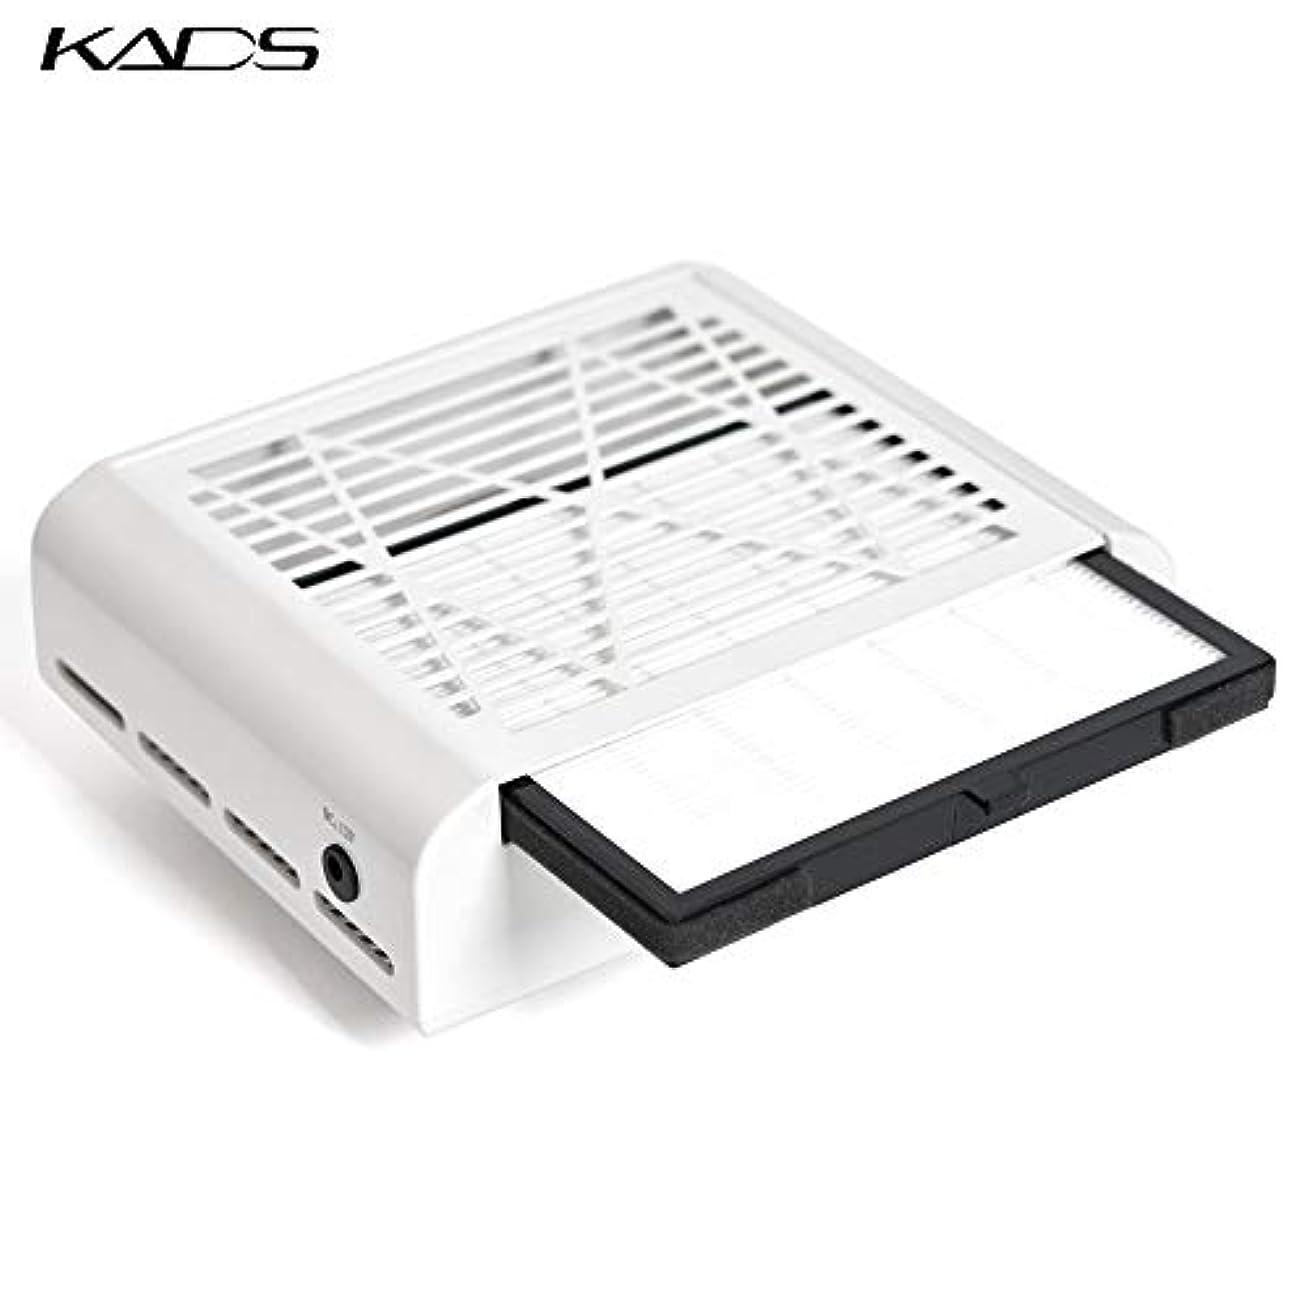 節約する好奇心盛微視的KADS ネイルダスト集塵機 ネイルダストコレクター サロンサクションダストコレクター ネイルダストクリーナー ジェルネイル機器 ネイルケア用